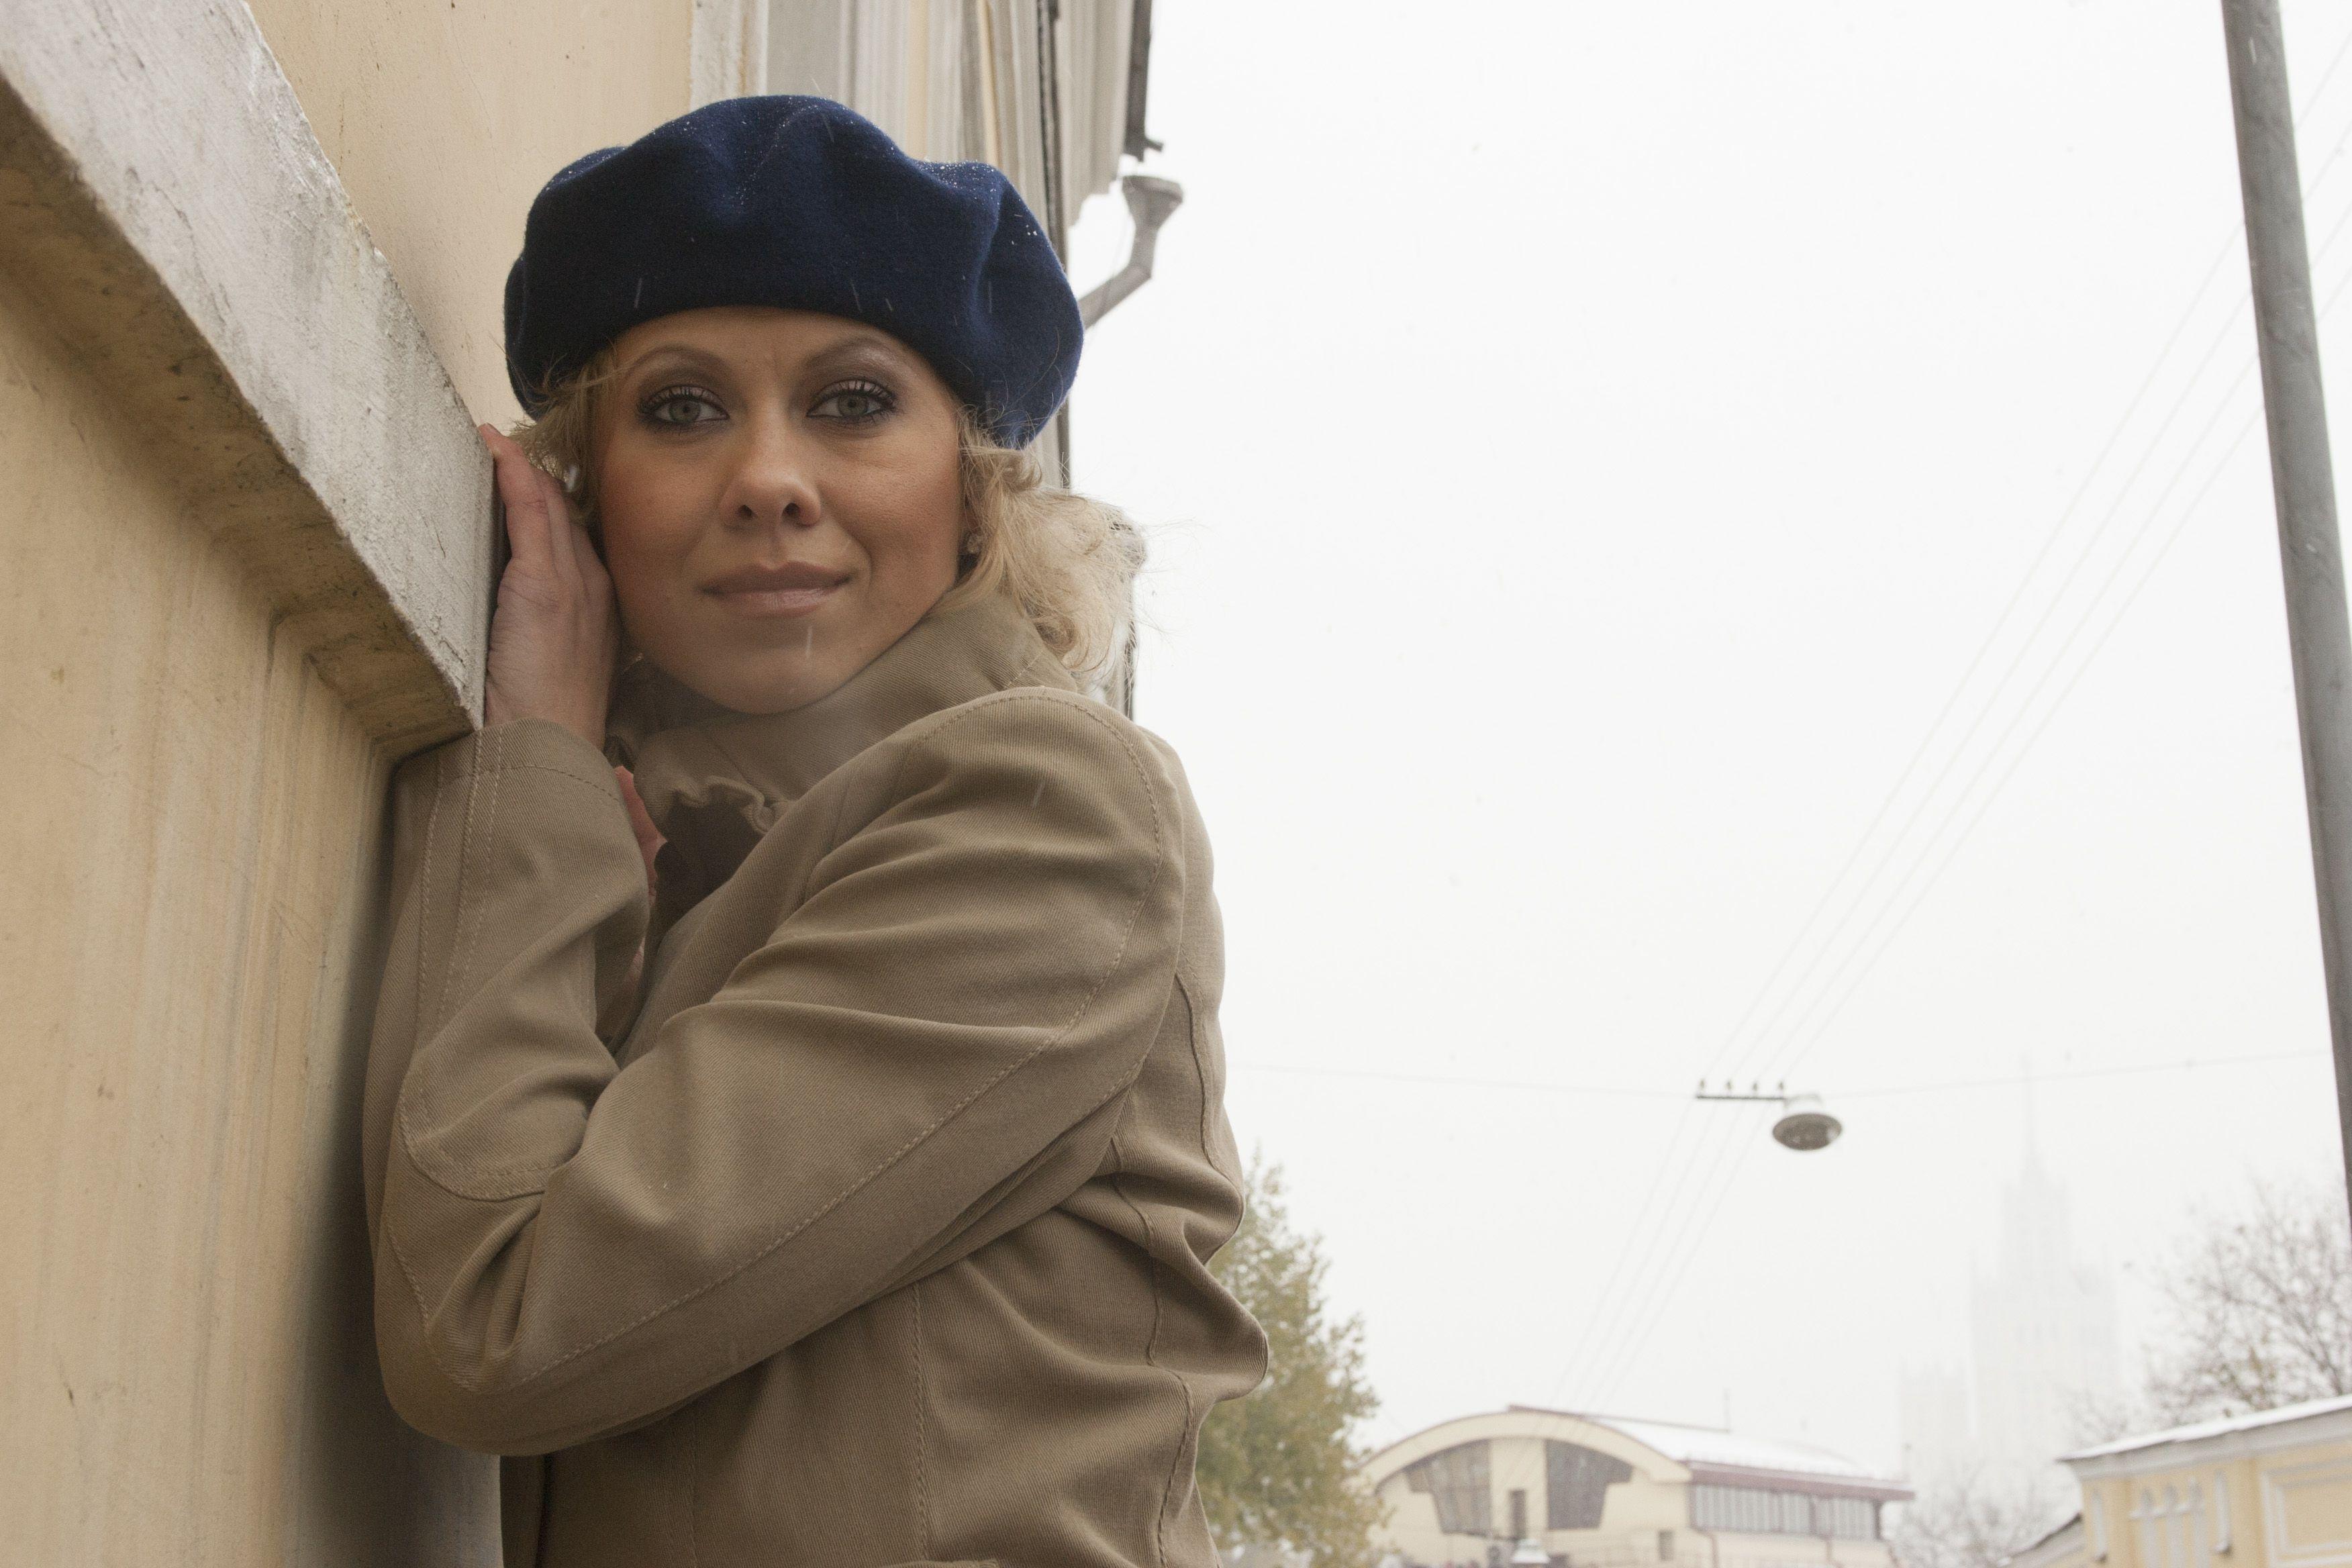 Баюл объяснила украинской журналистке причины своих претензий к Тутберидзе